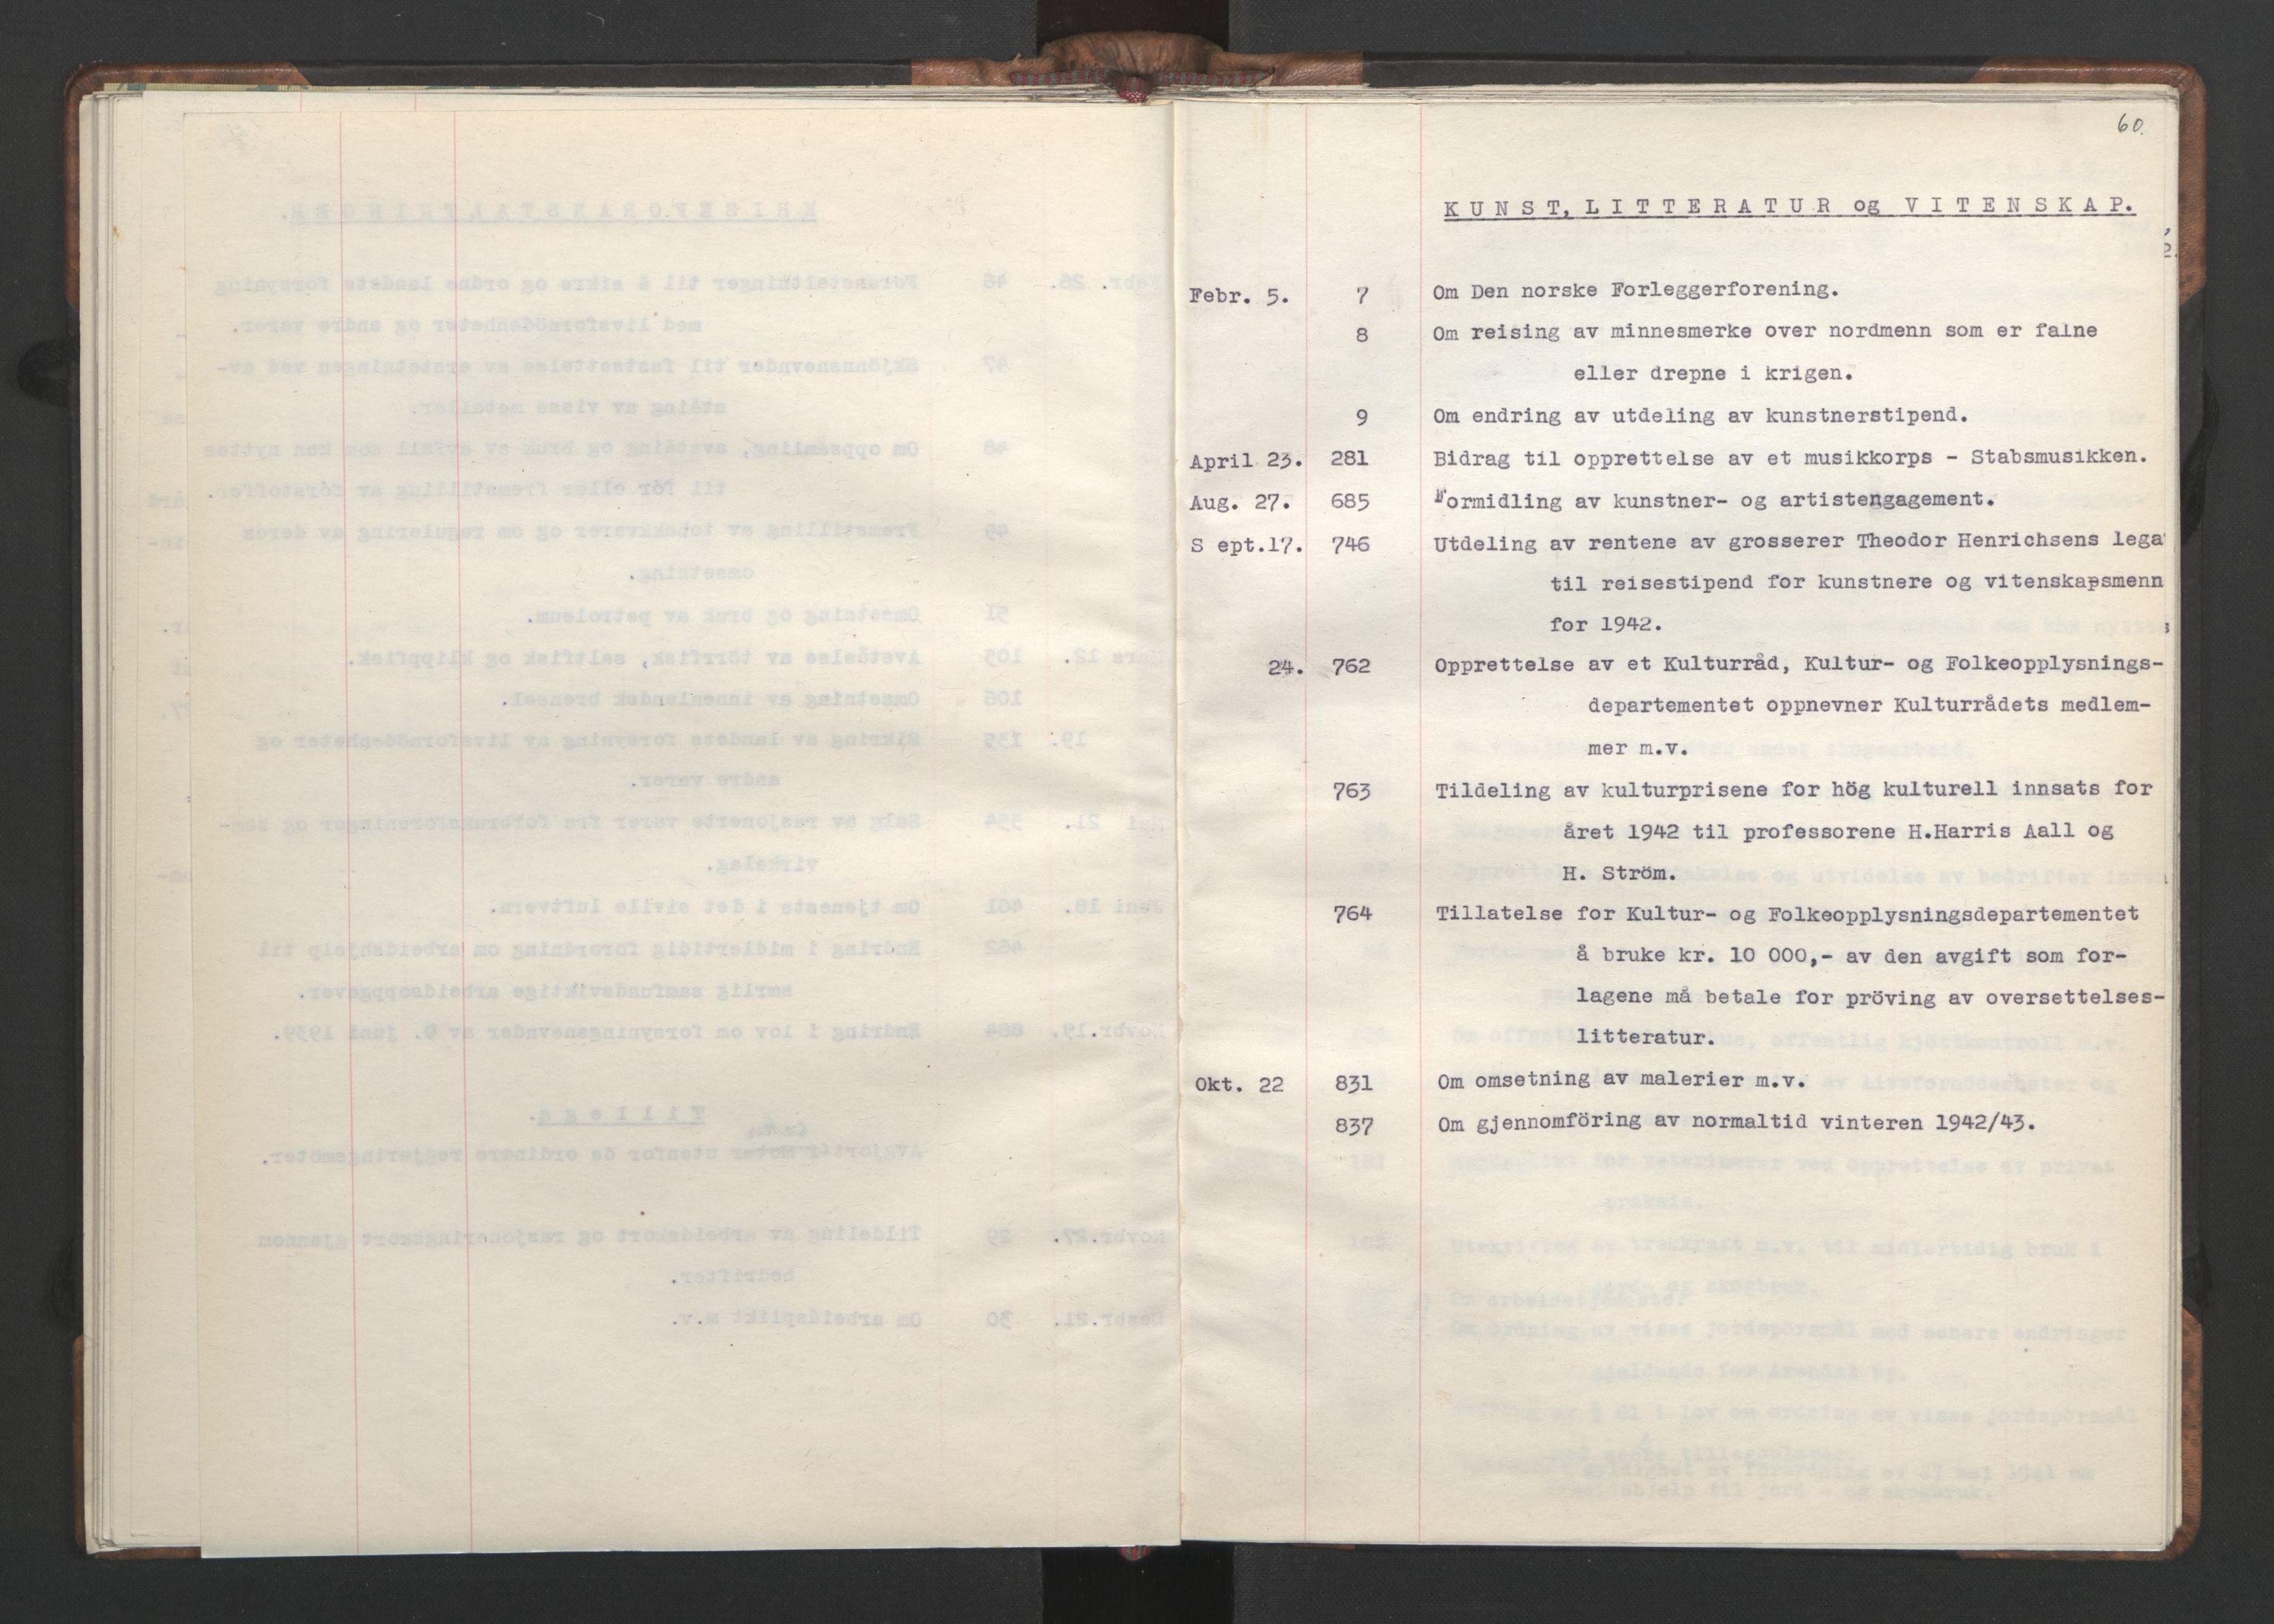 RA, NS-administrasjonen 1940-1945 (Statsrådsekretariatet, de kommisariske statsråder mm), D/Da/L0002: Register (RA j.nr. 985/1943, tilgangsnr. 17/1943), 1942, s. 59b-60a